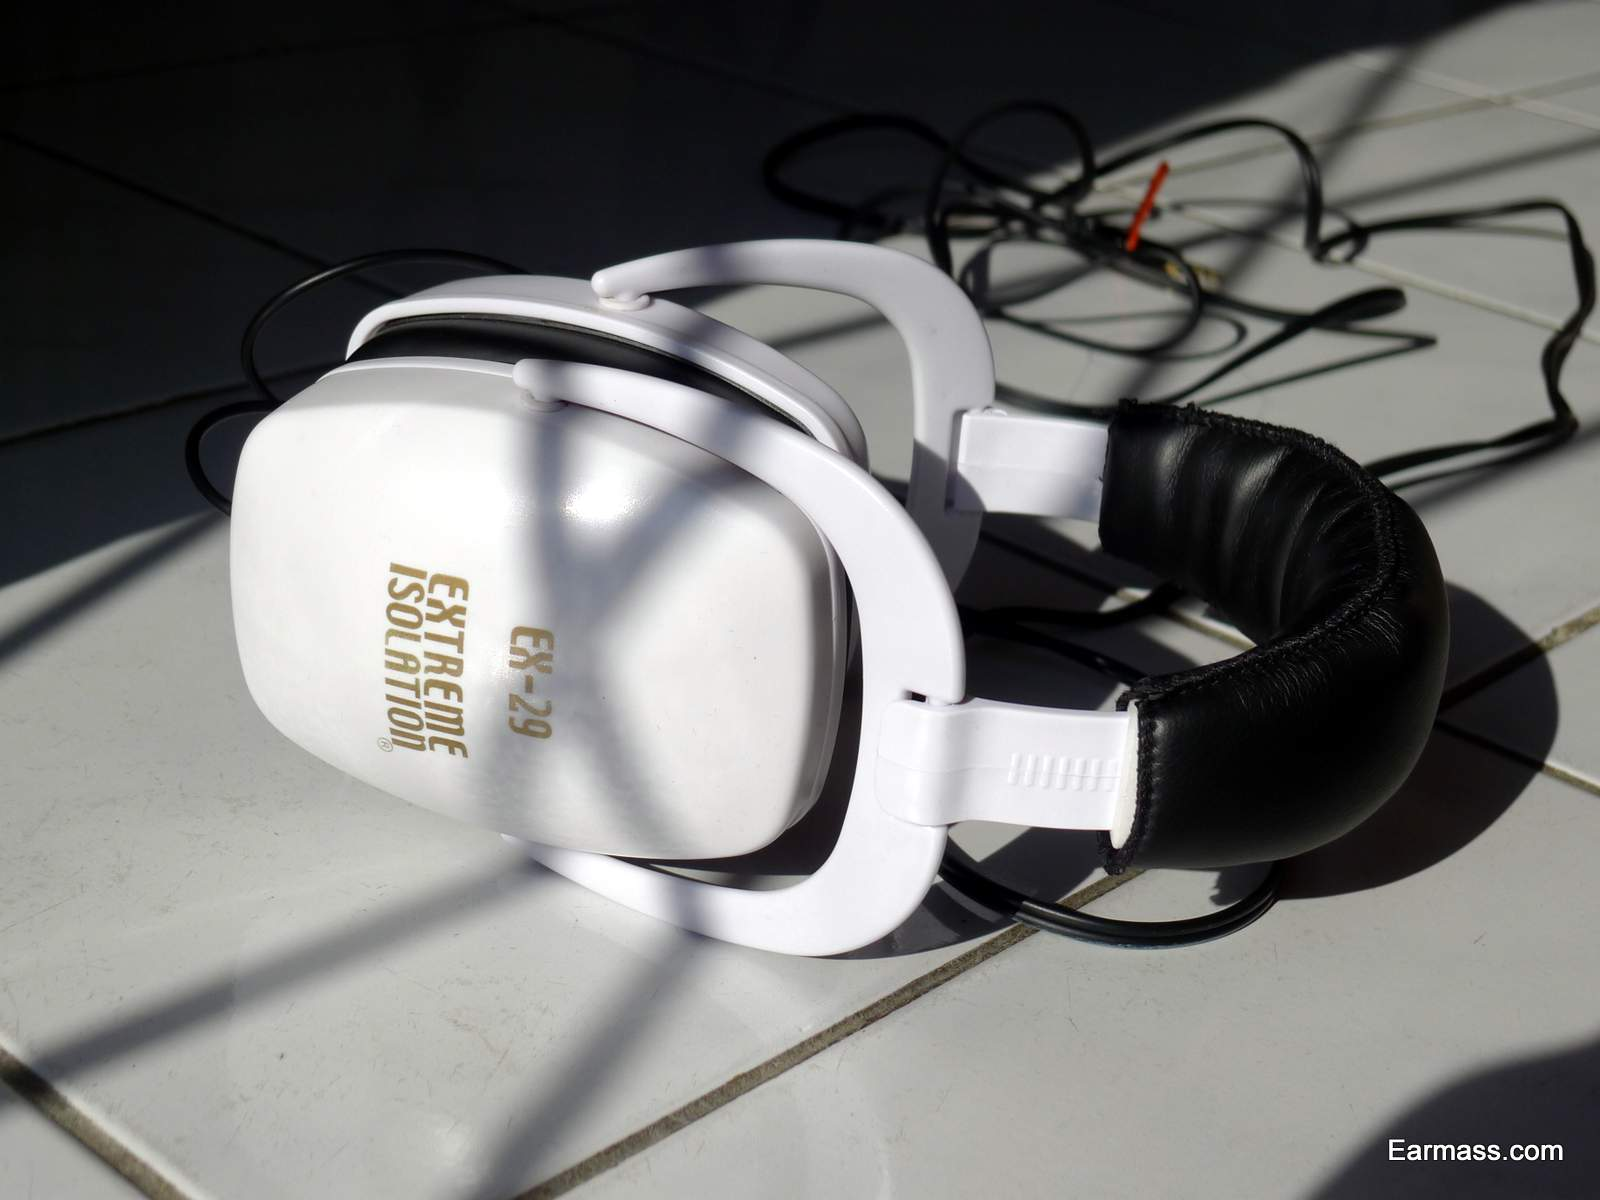 Isolation headphones